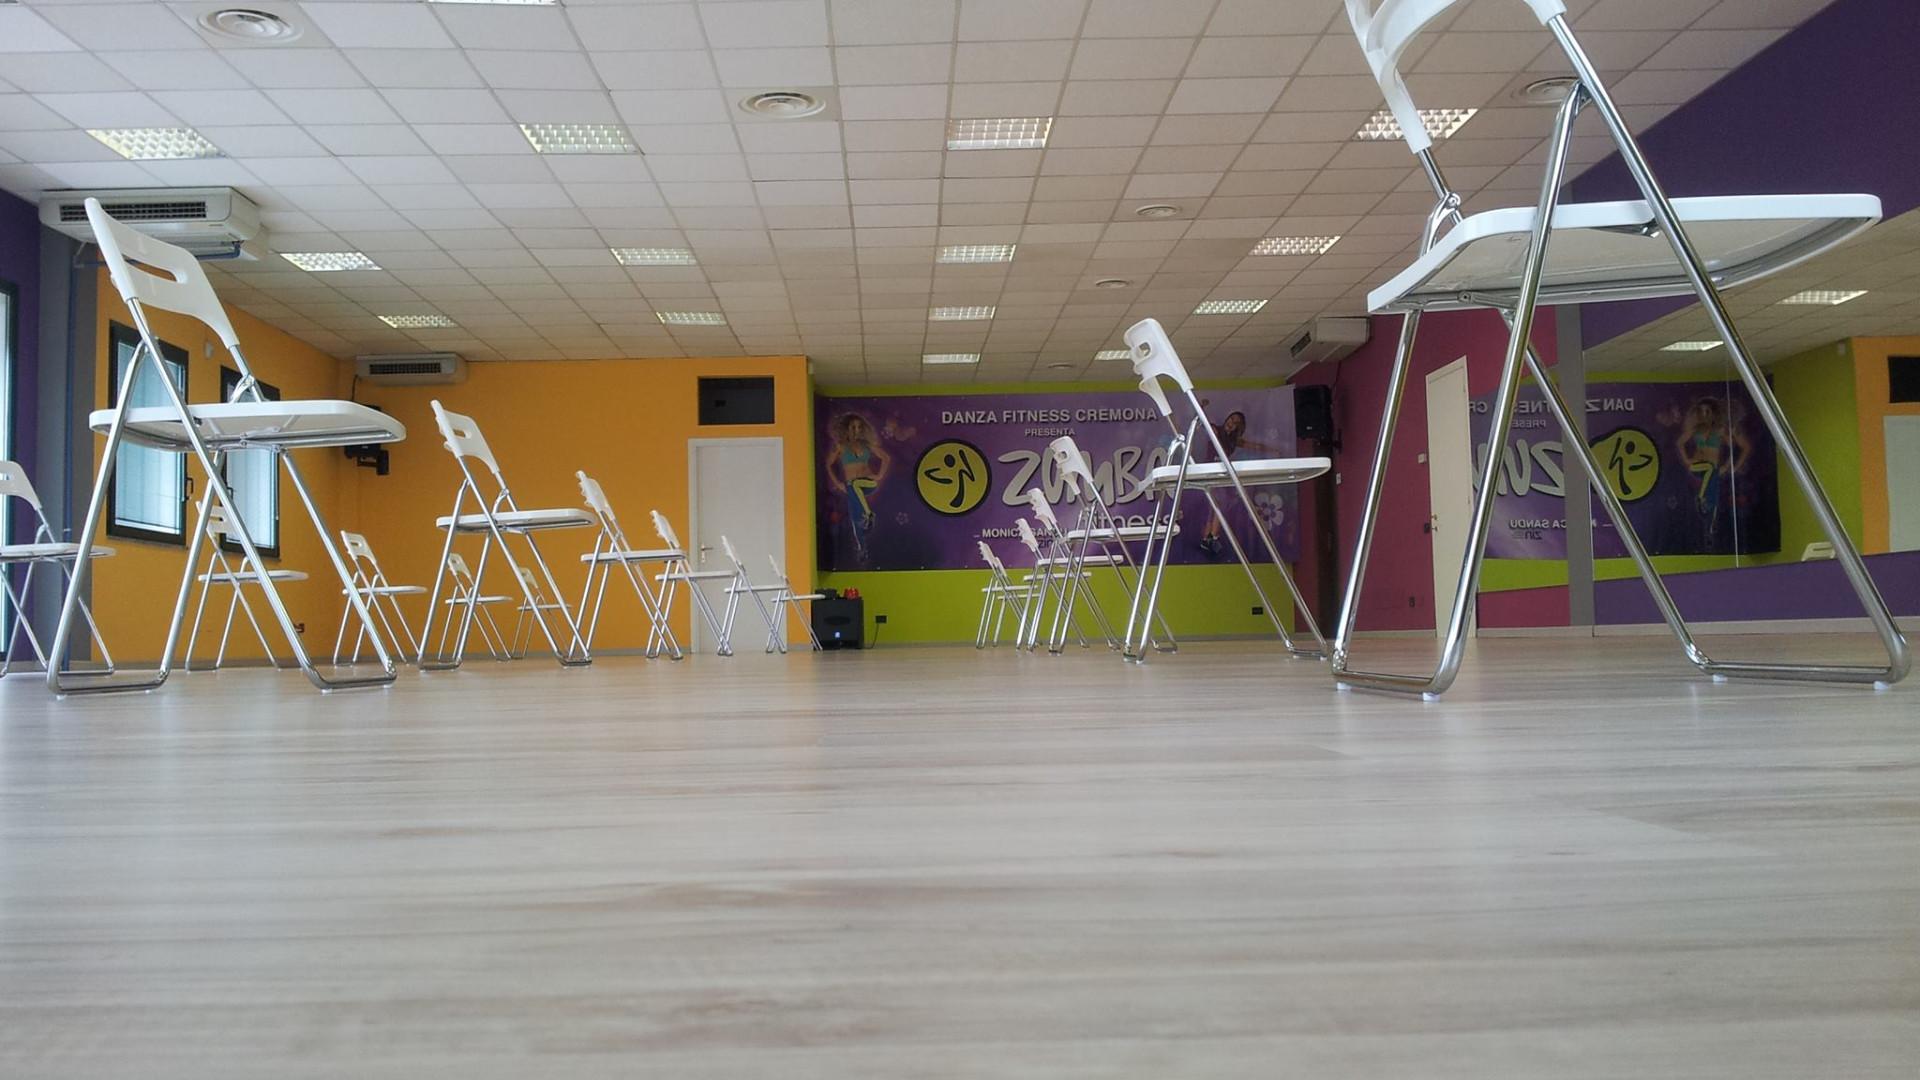 Danza Fitness Studio orari